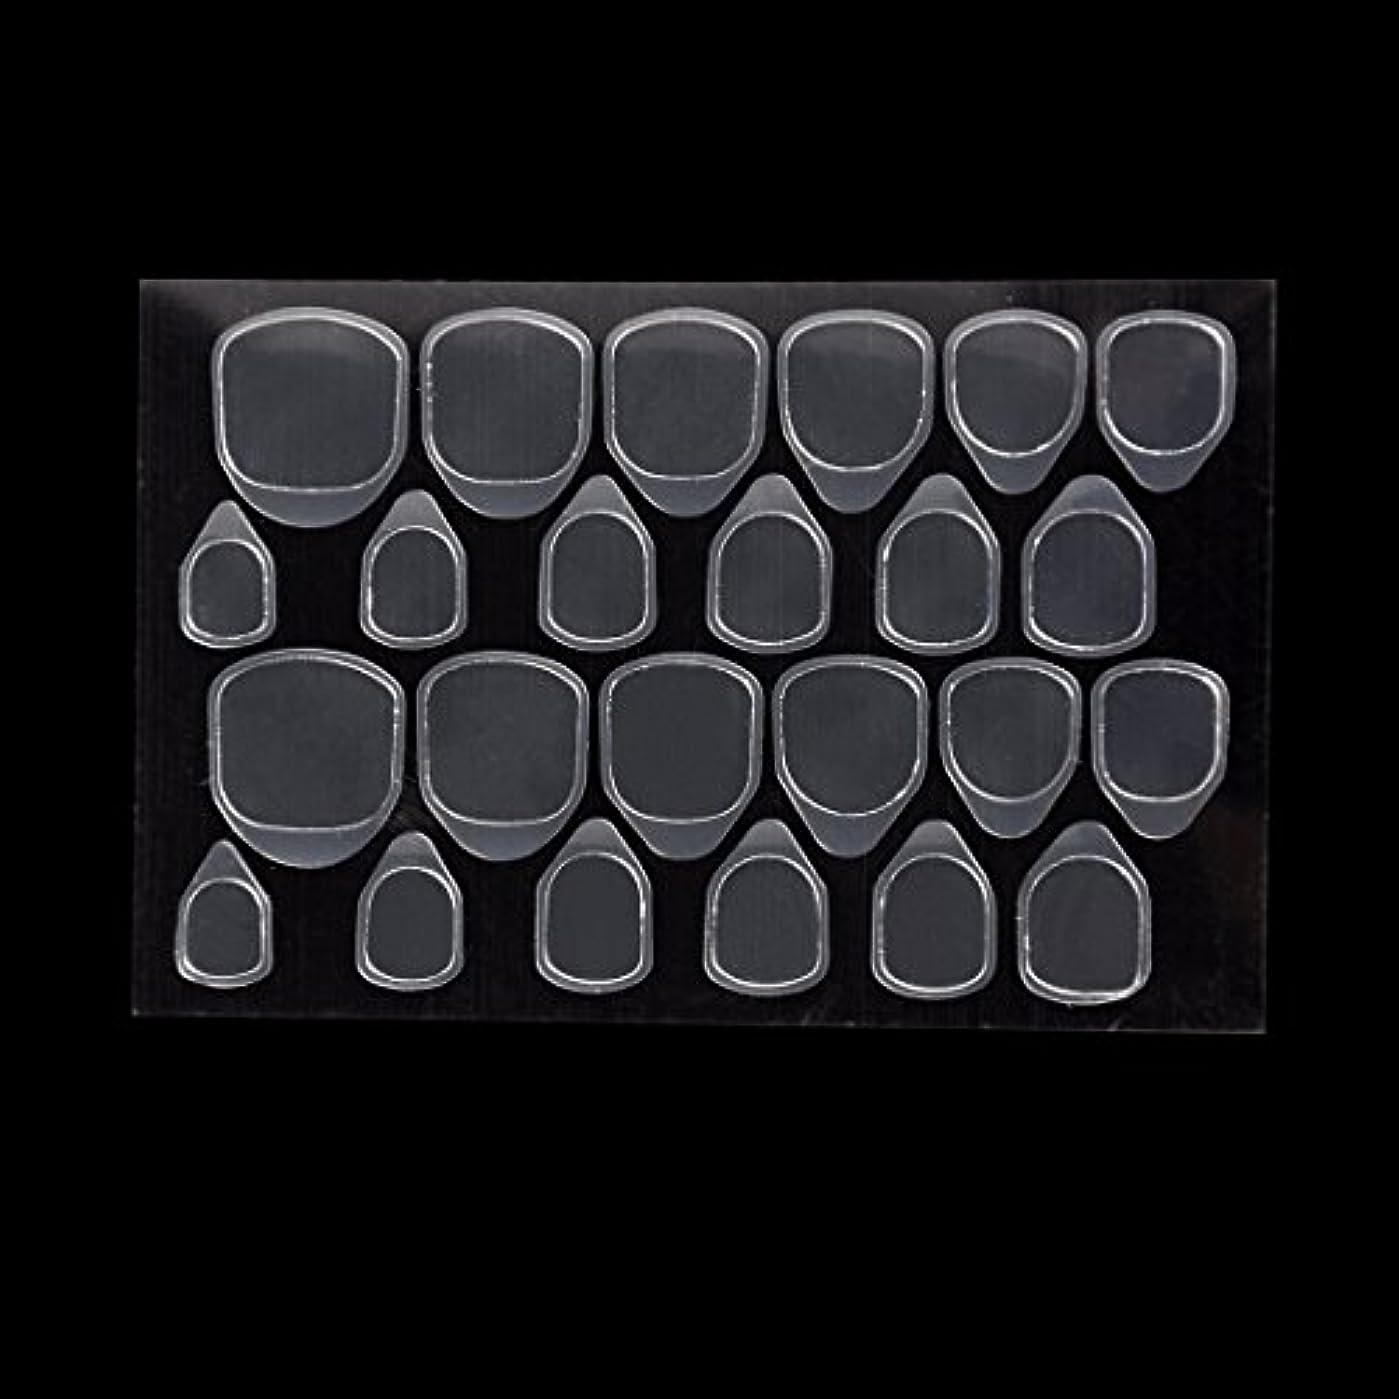 マニュアルクレジットインタフェースBiutee つけ爪用 両面テープ ネイル 推奨超強力両面テープ ネイル両面接着剤 ネイルチップ用粘着グミ 10枚セット